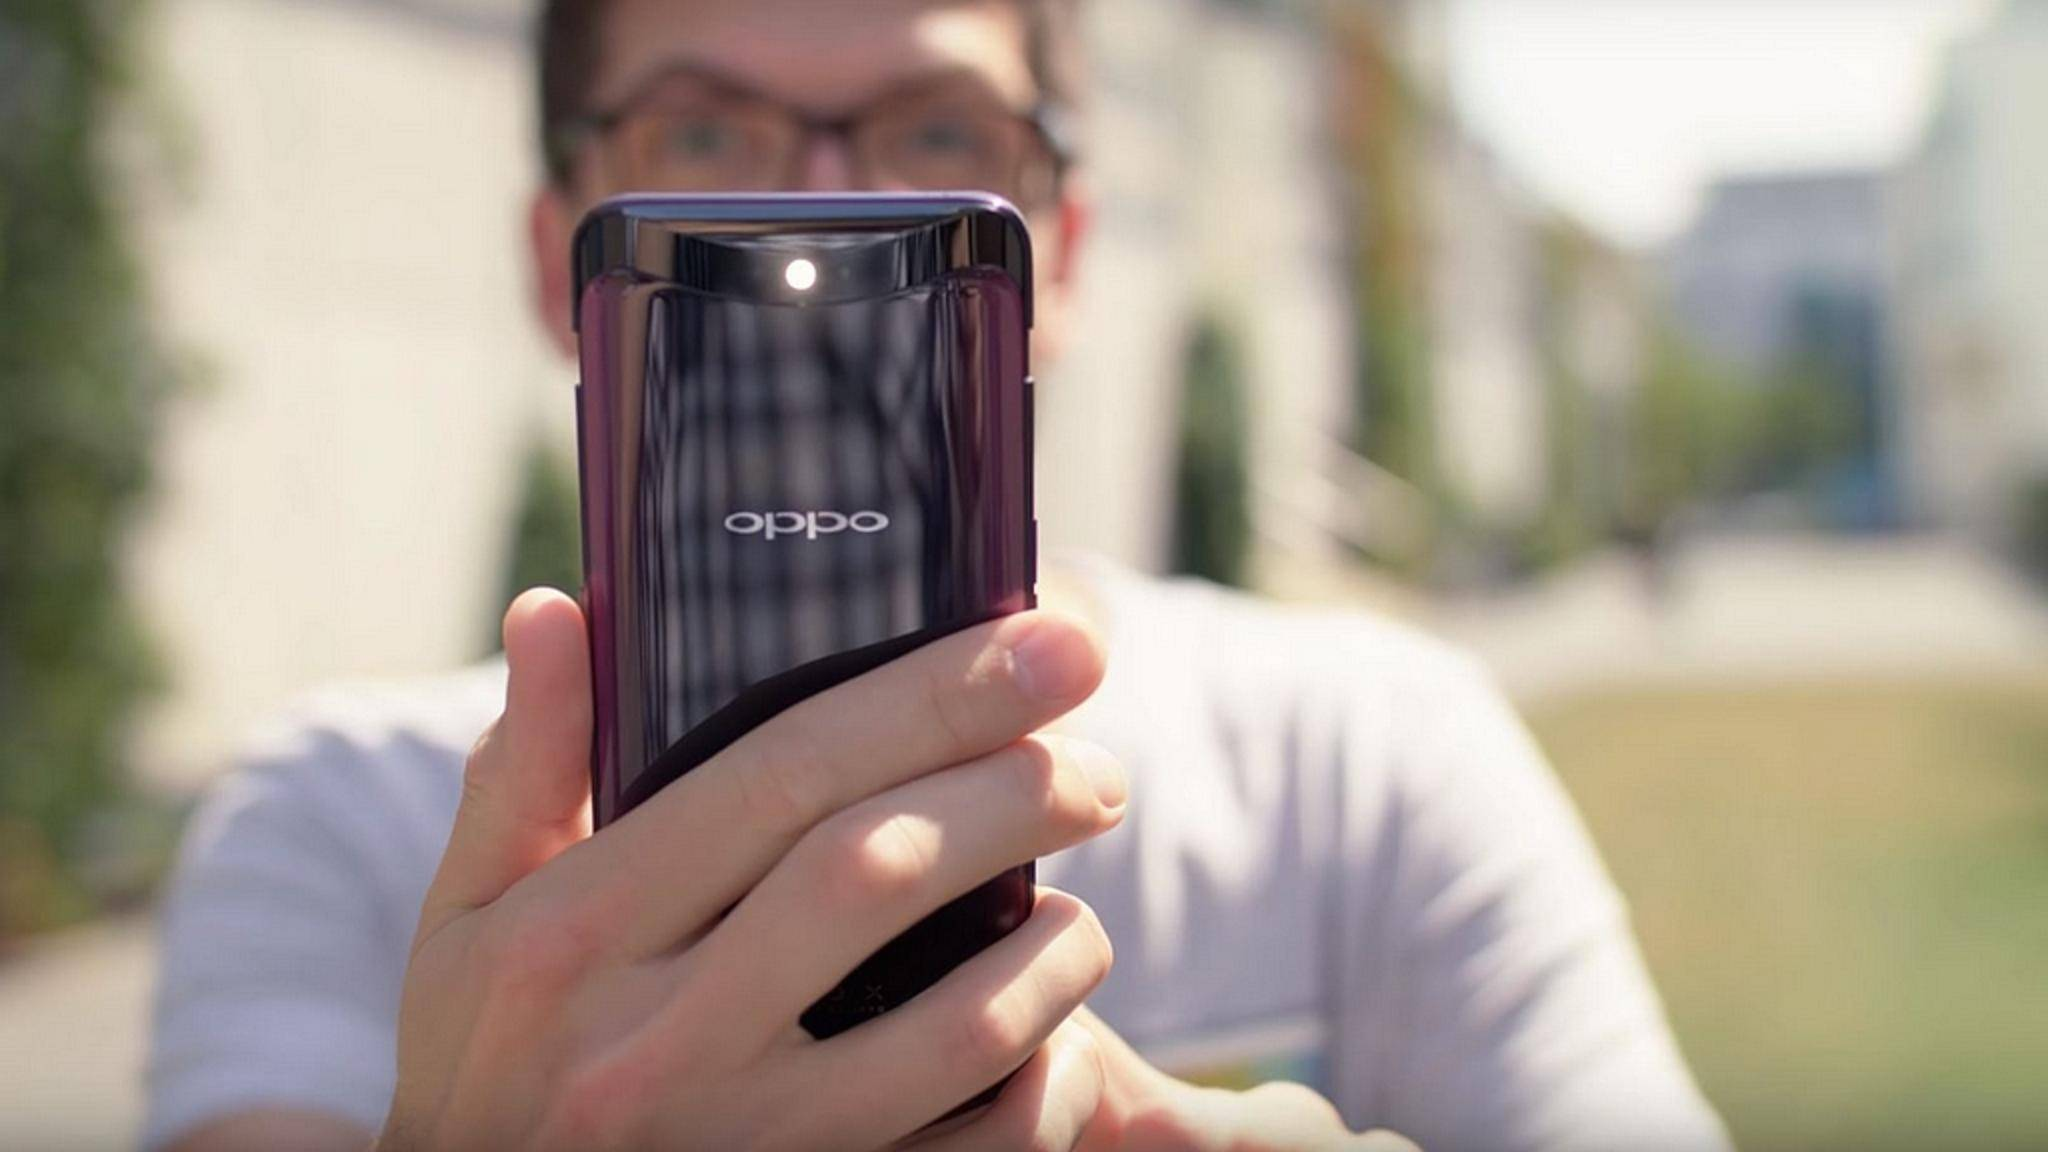 Das Oppo Find X ist ein ganz besonderes Smartphone.